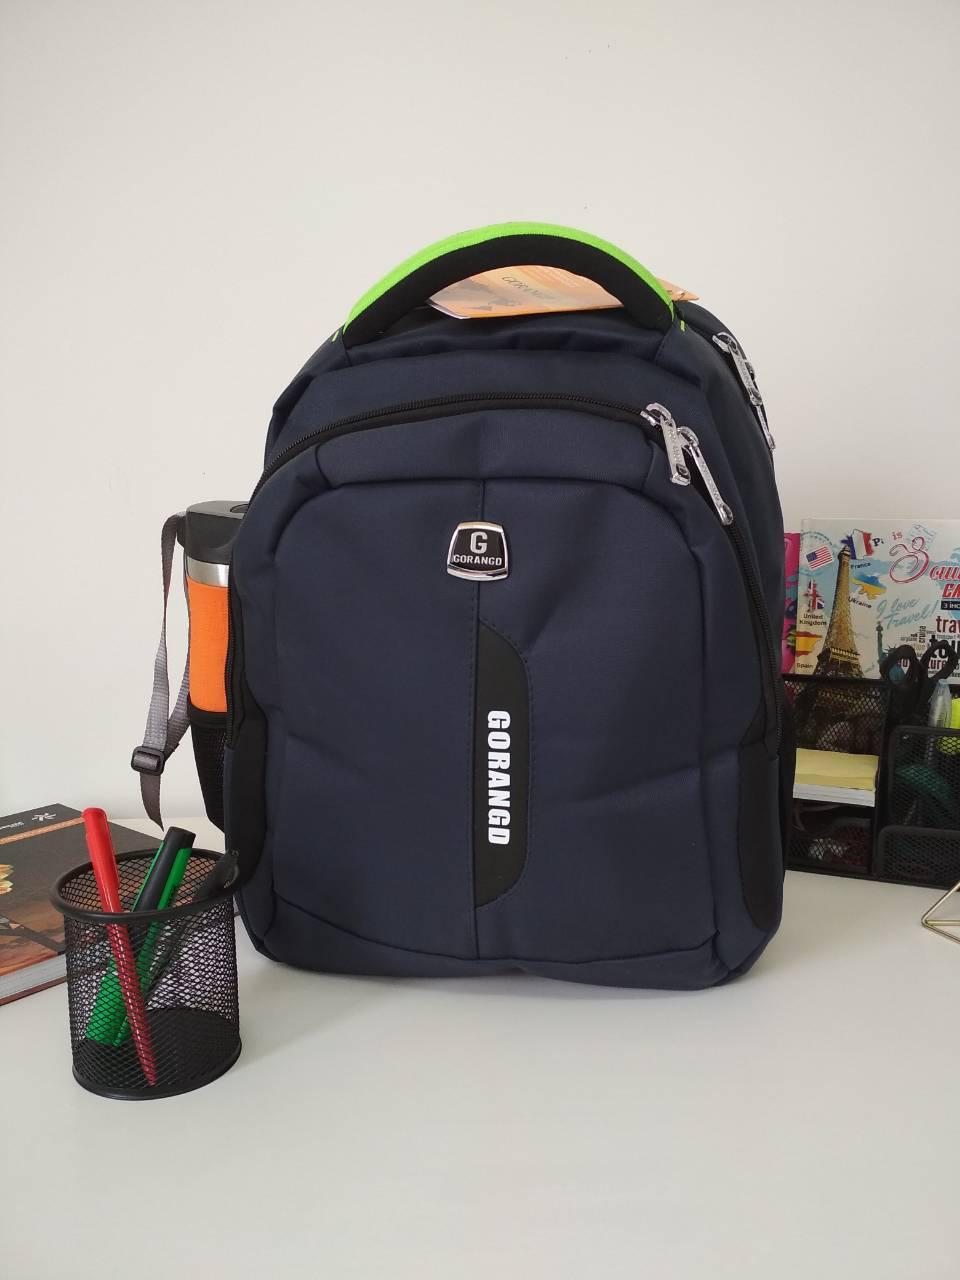 4b474900778a Рюкзак для школы с уплотненной спинкой Gorangd 40*31*17 см, цена 425 ...